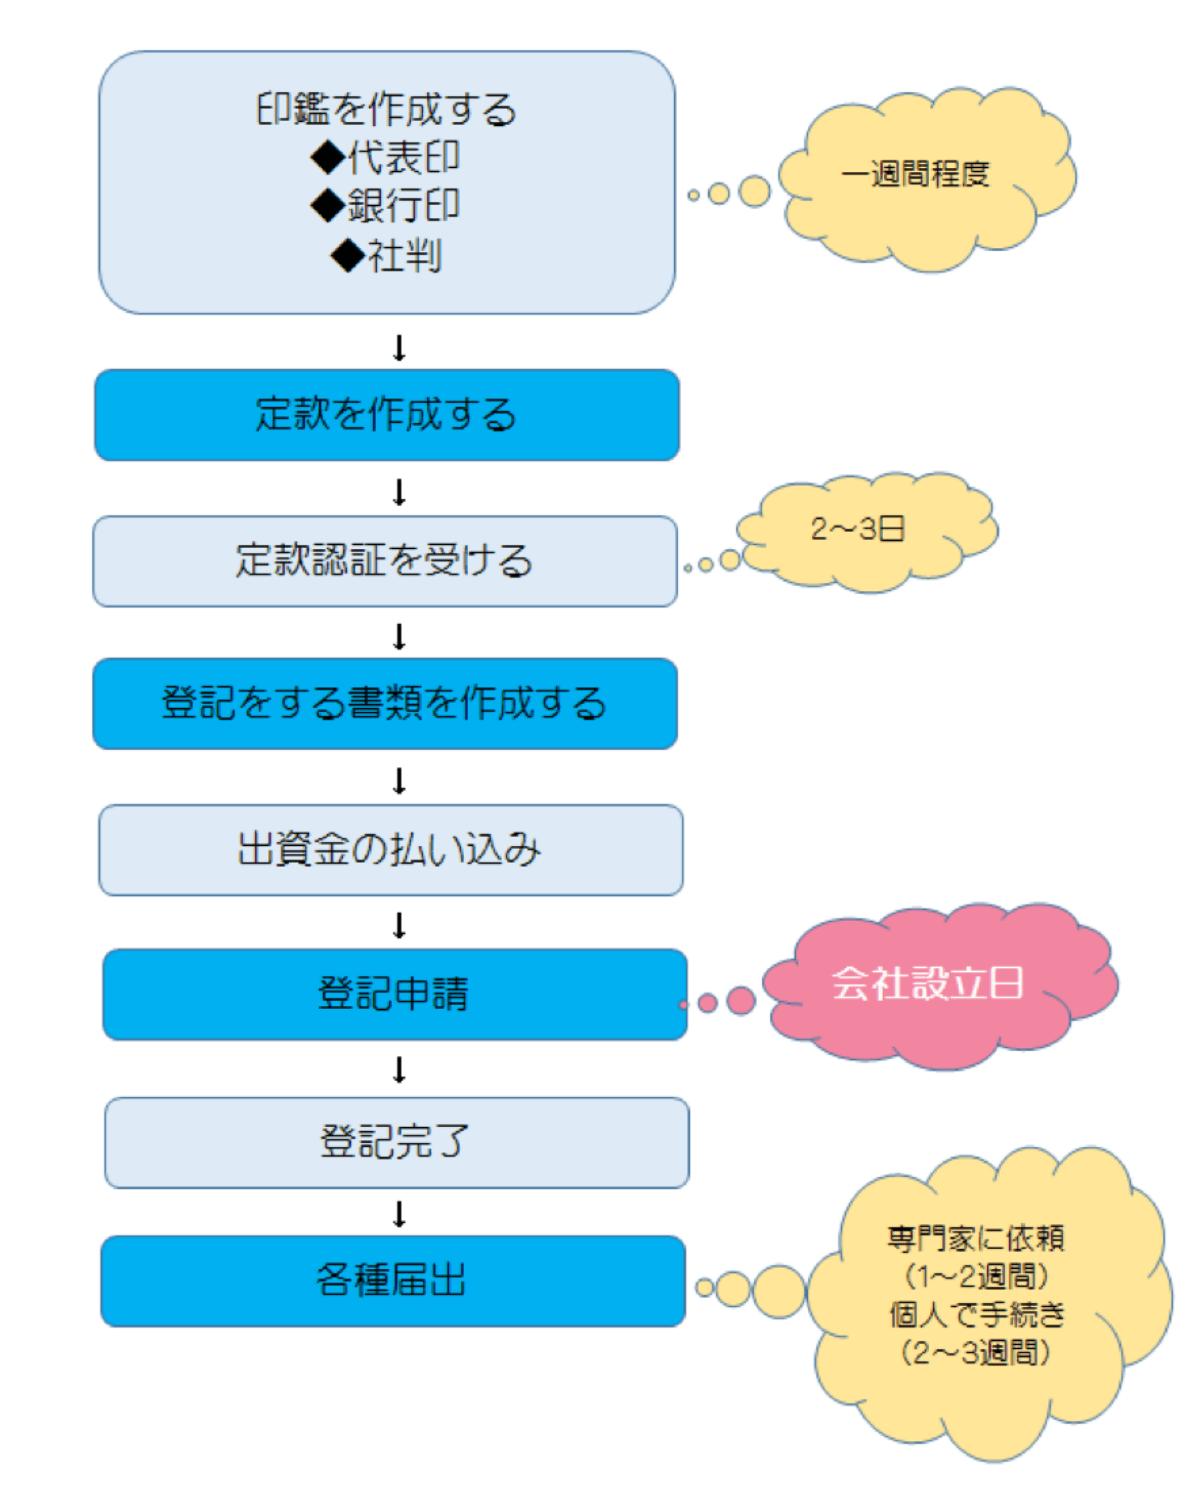 kaisyasetsuritsu2